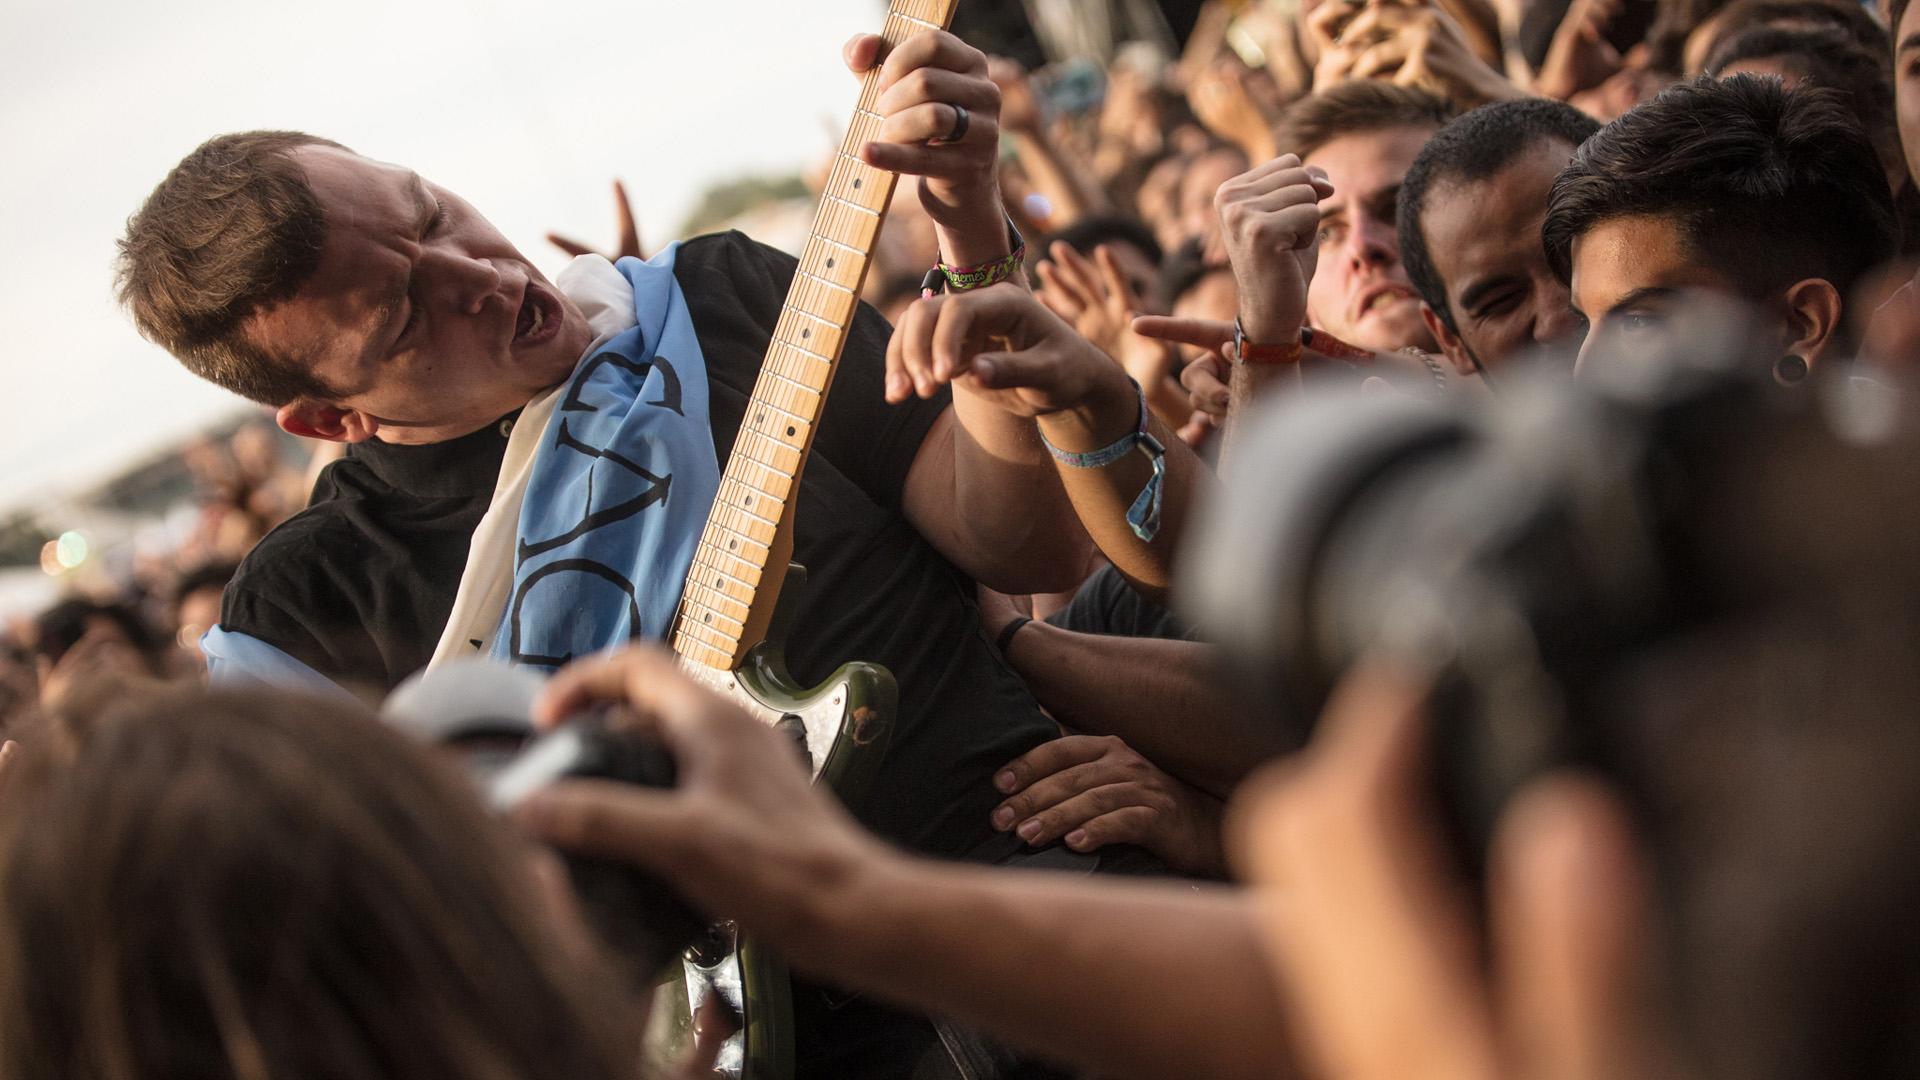 El guitarrista de Cage the elephant entre el público